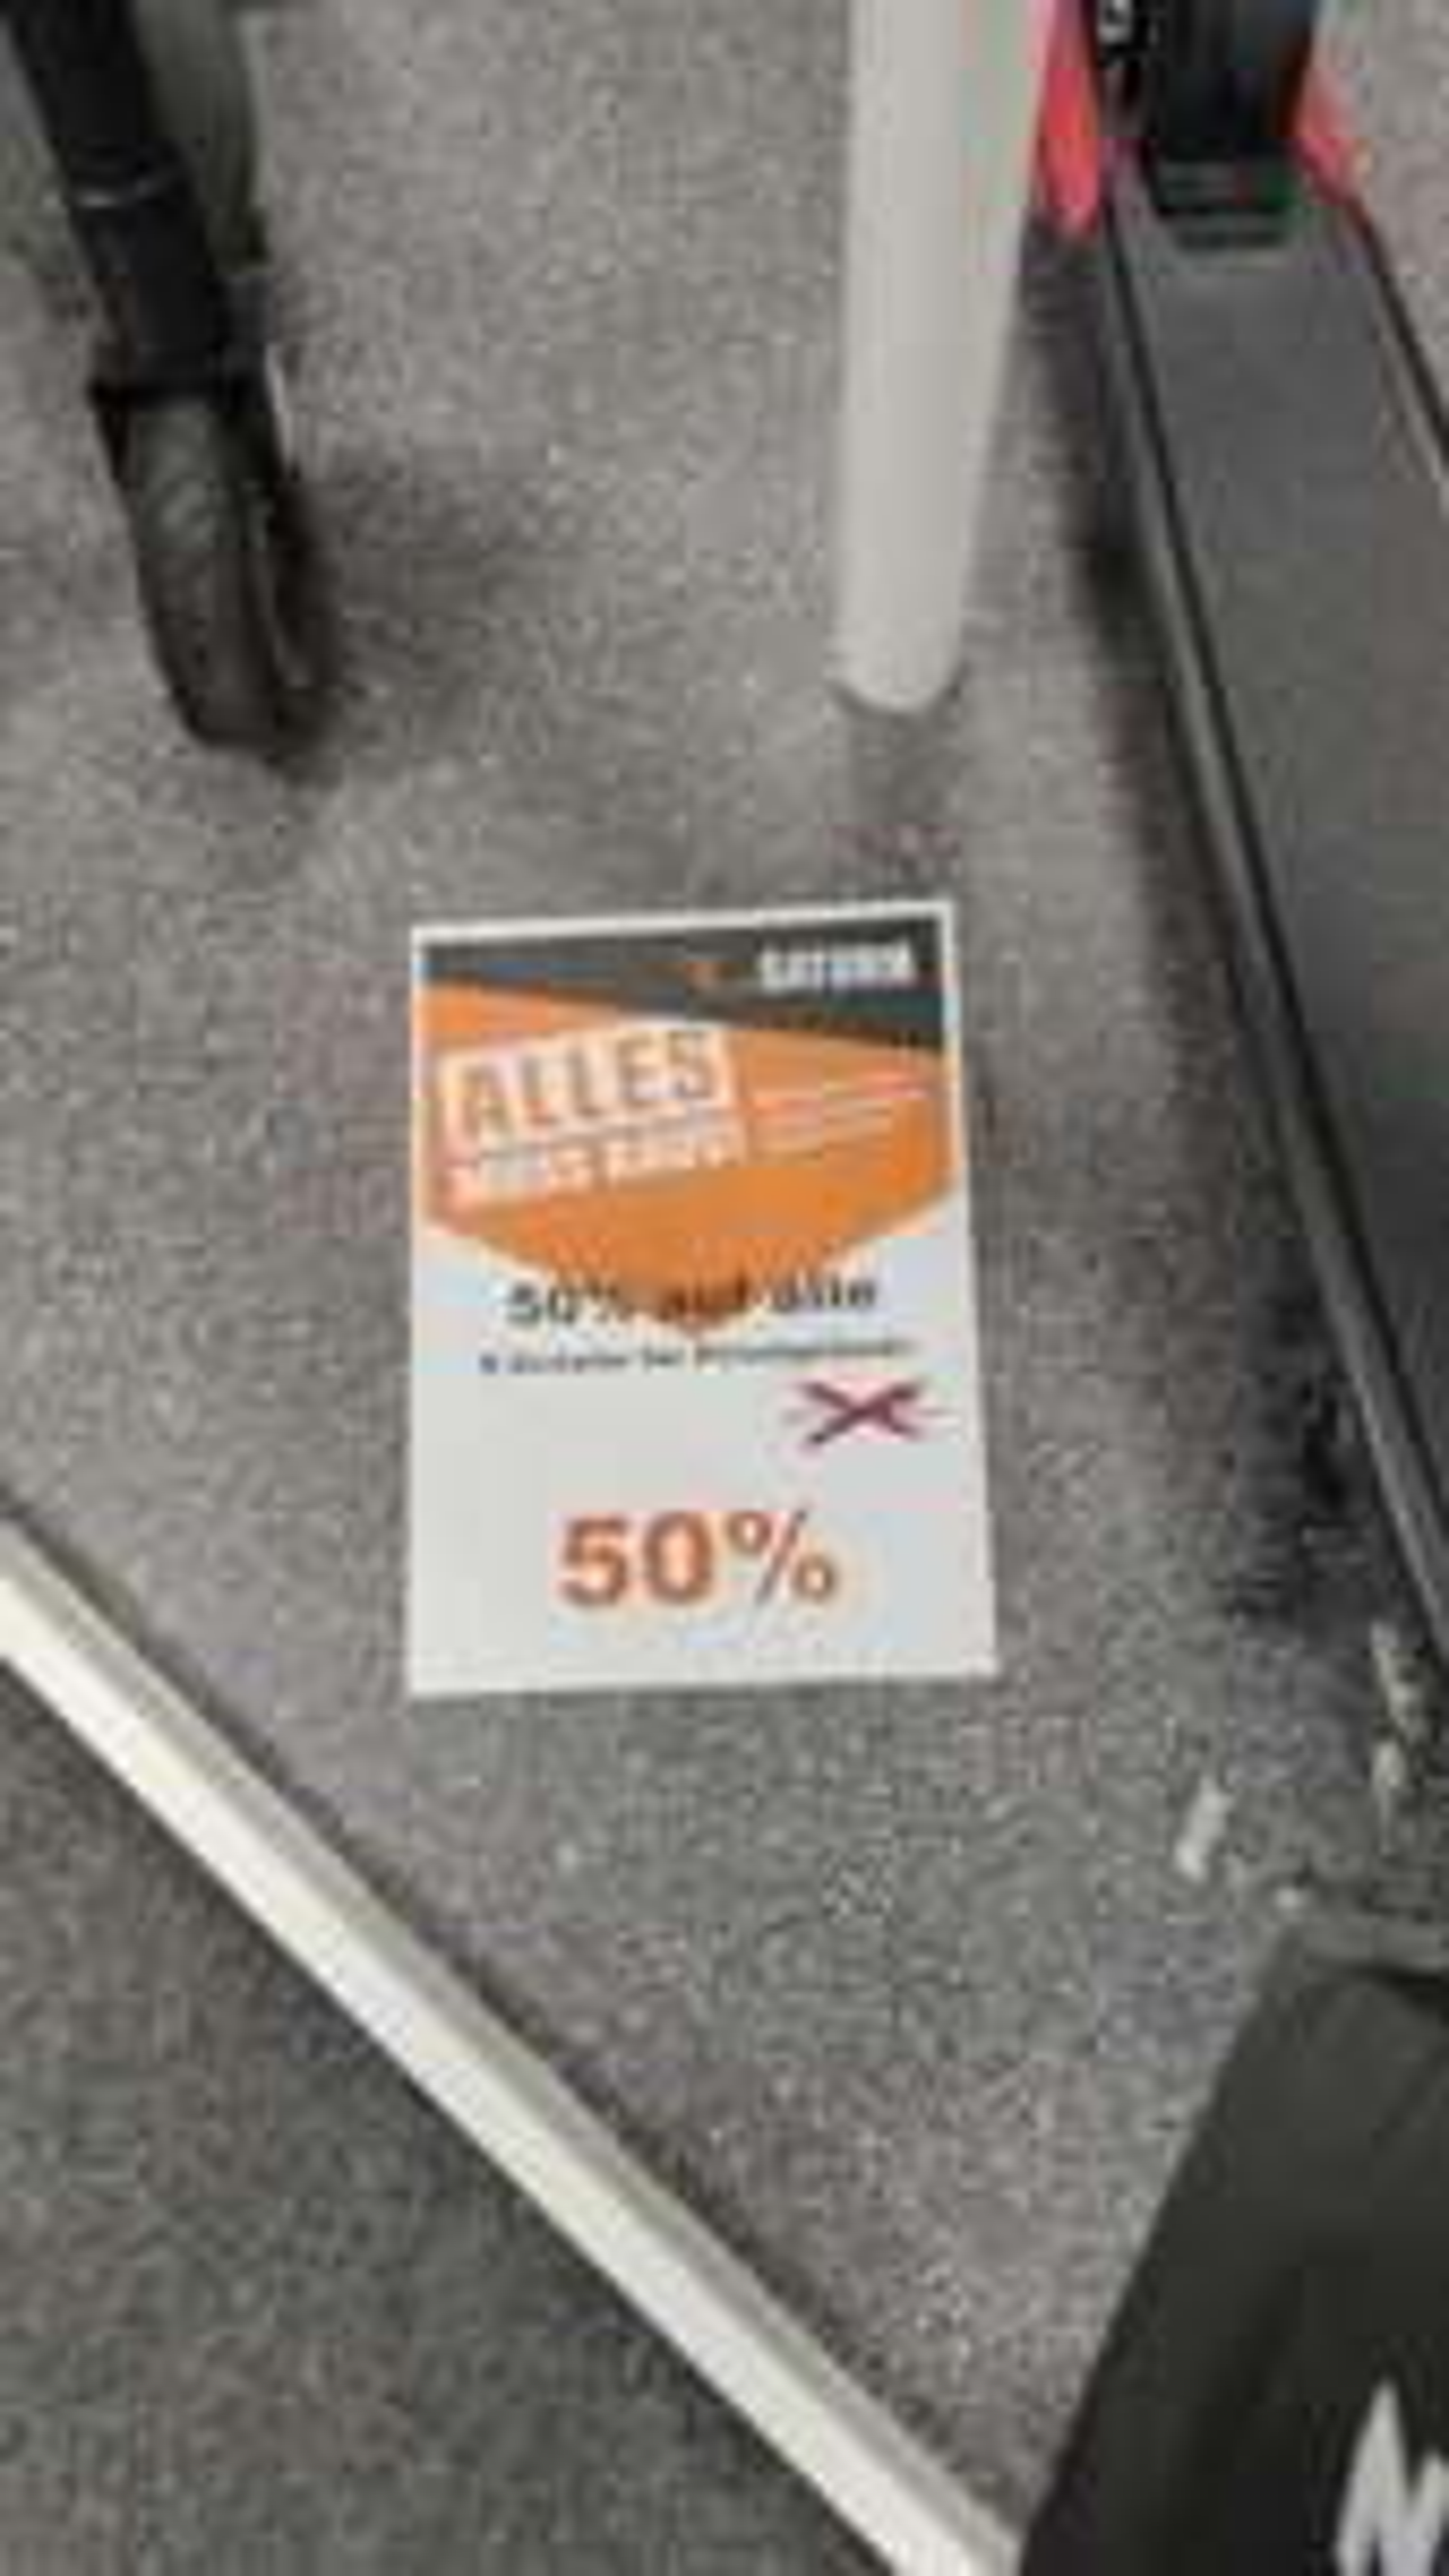 50% auf E-Roller. Xiaomi M365 für 179 Euro. Lokal Mülheim Saturn.